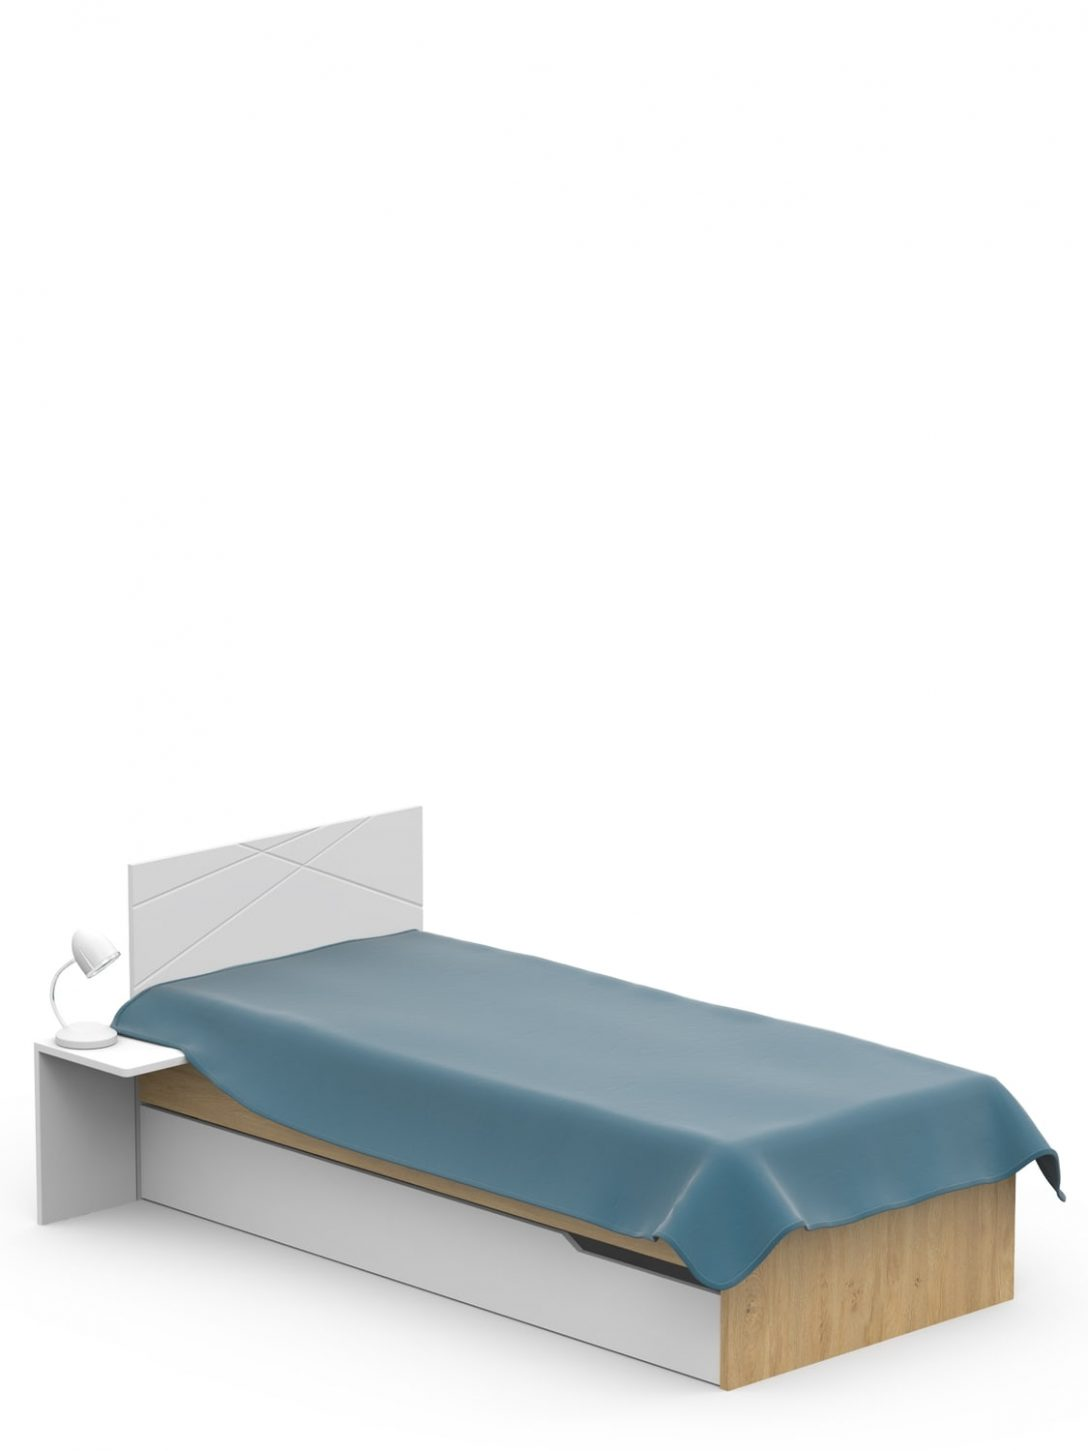 Full Size of Roba Bett Sitzbank 120x200 Oak Meblik Gnstig Kaufen 140x200 Mit Weißes Prinzessin Weiße Betten Schubladen 180x200 Einfaches 1 40x2 00 90x190 200x200 Bett Roba Bett